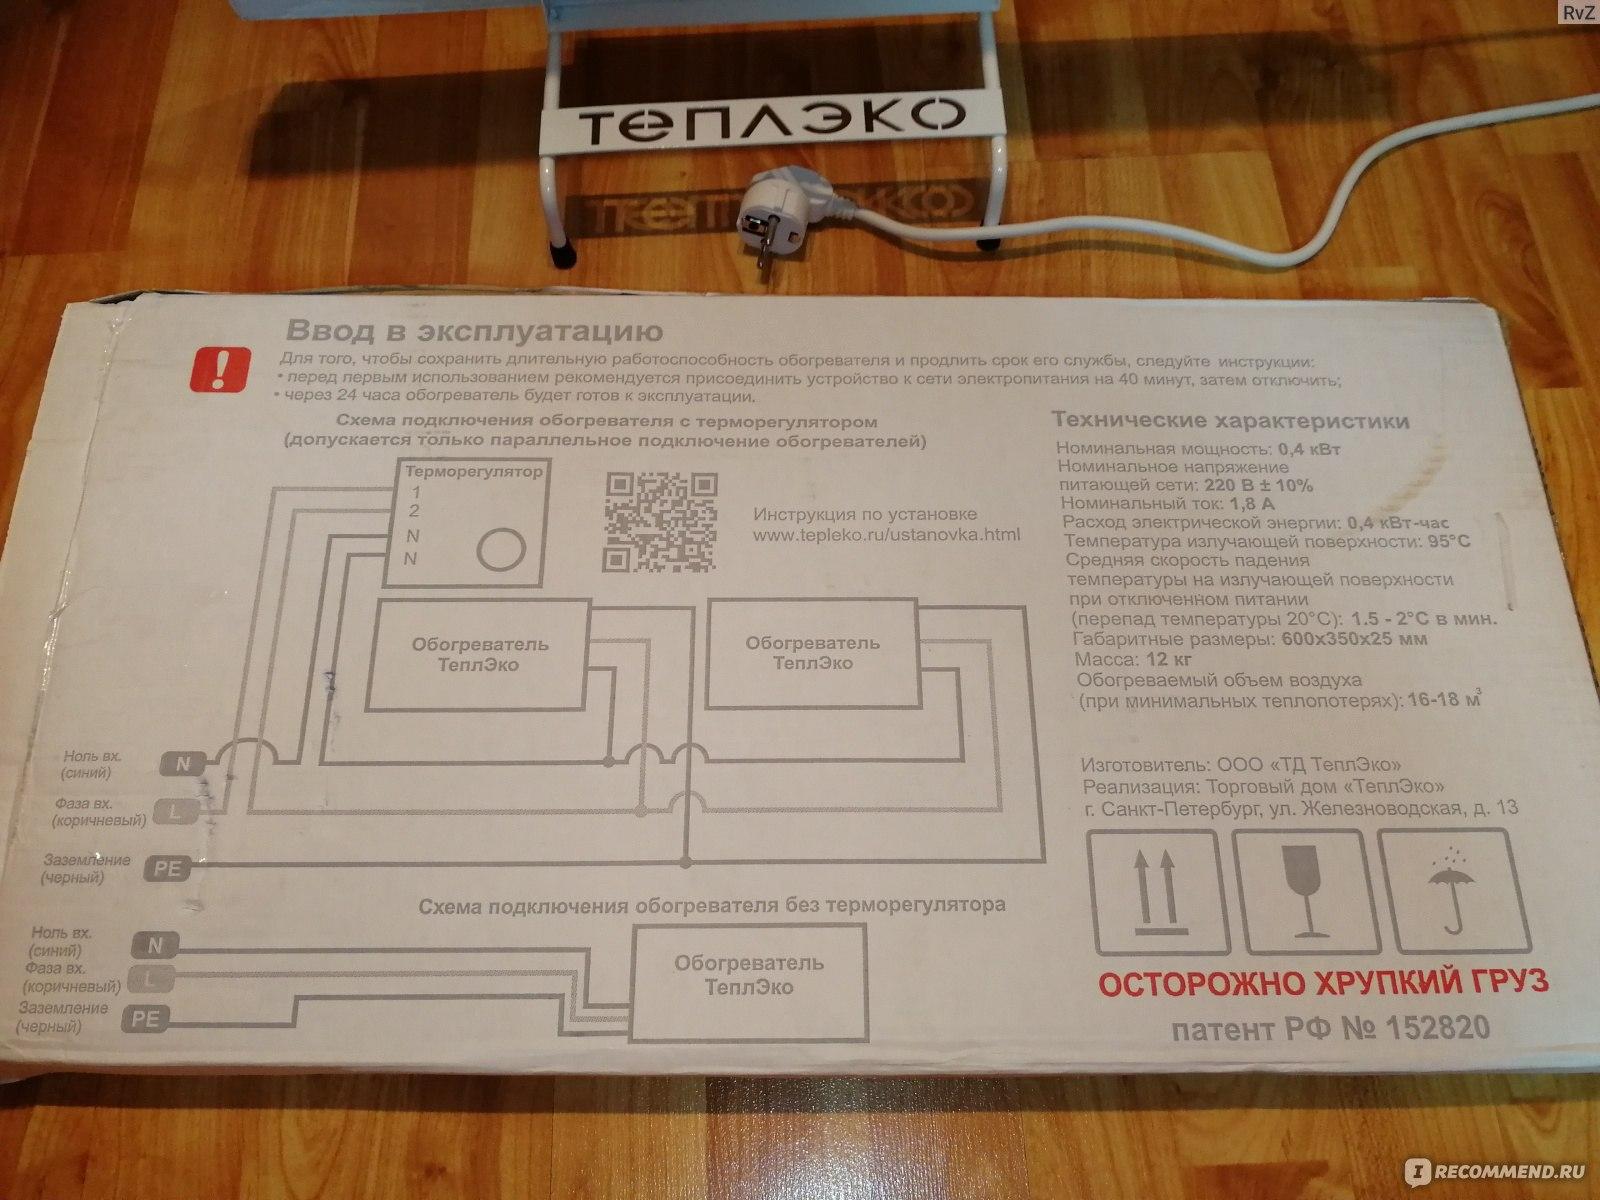 Кварцевый обогреватель теплэко: преимущества и недостатки монолитных батарей, технические характеристики